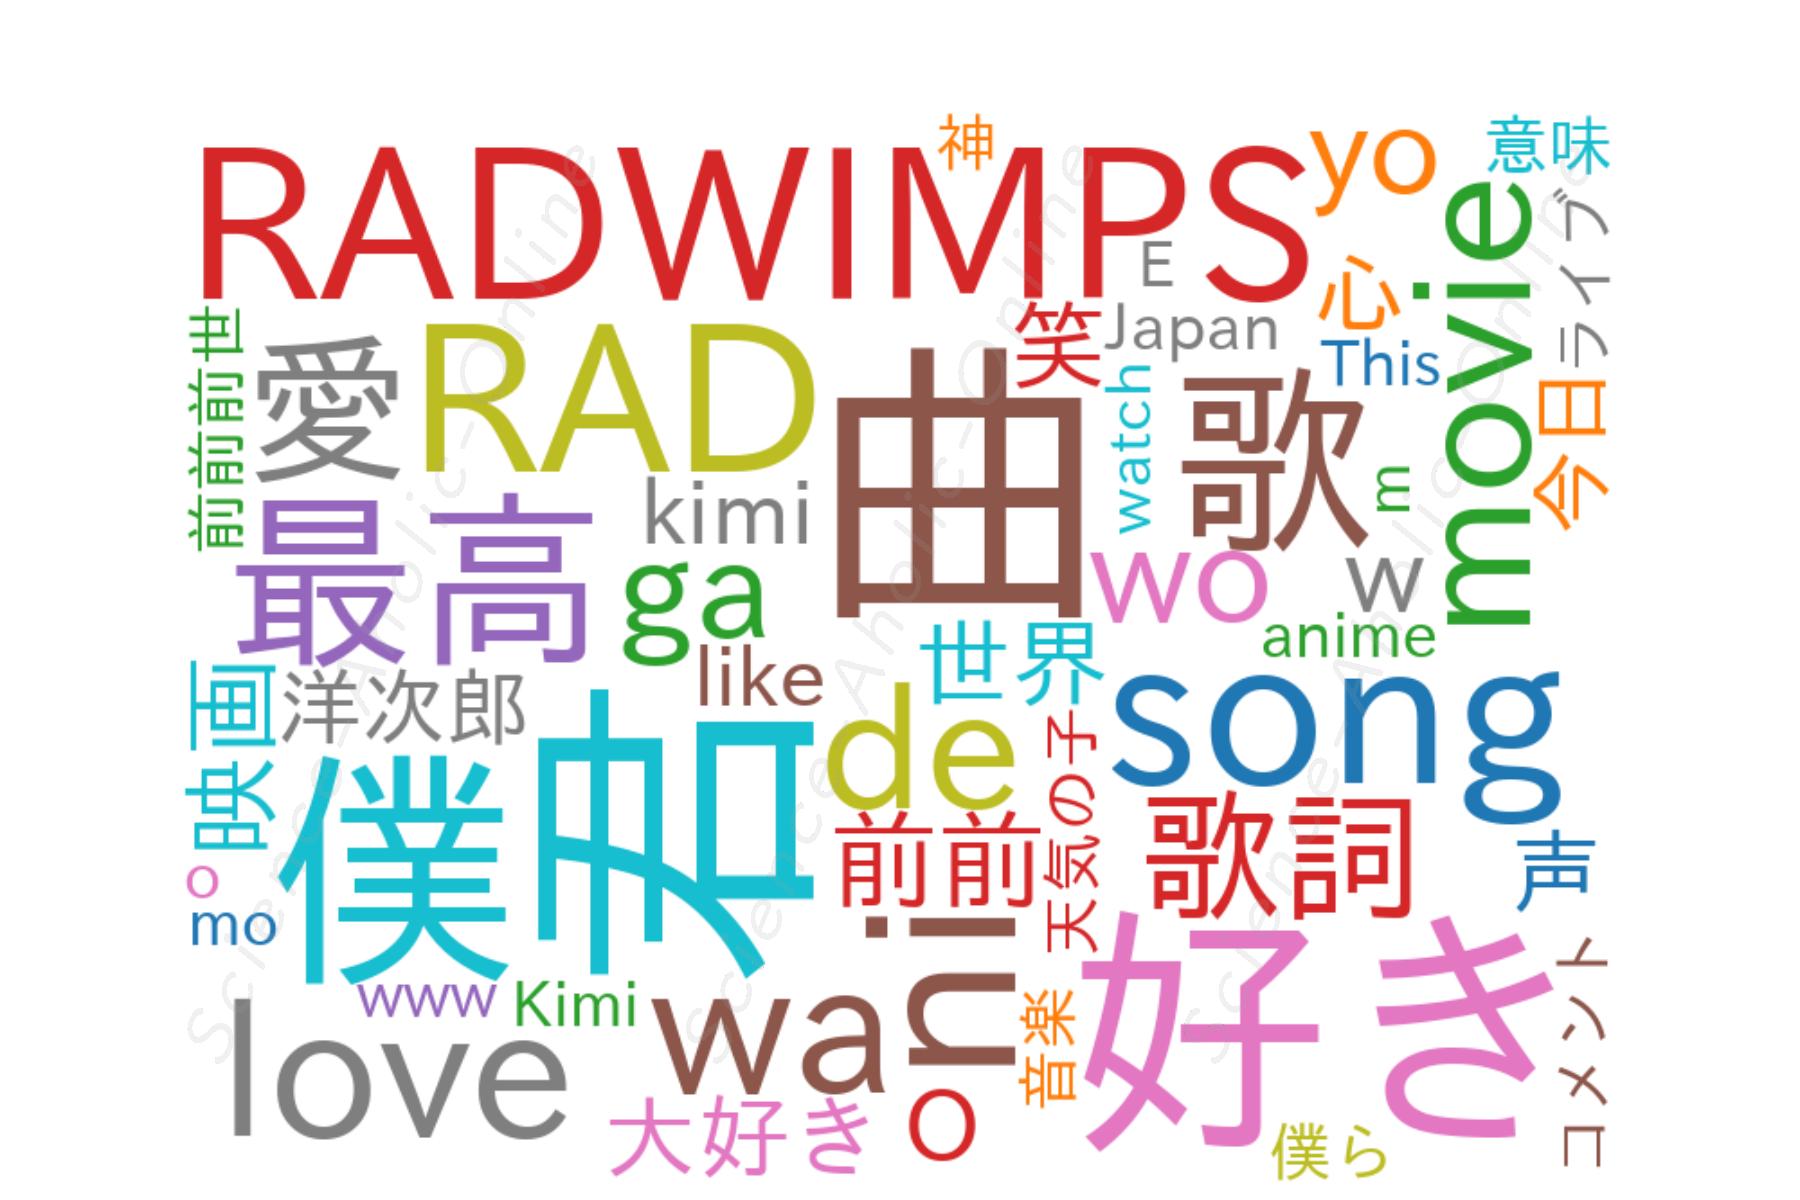 wordcloud_RADWIMPS